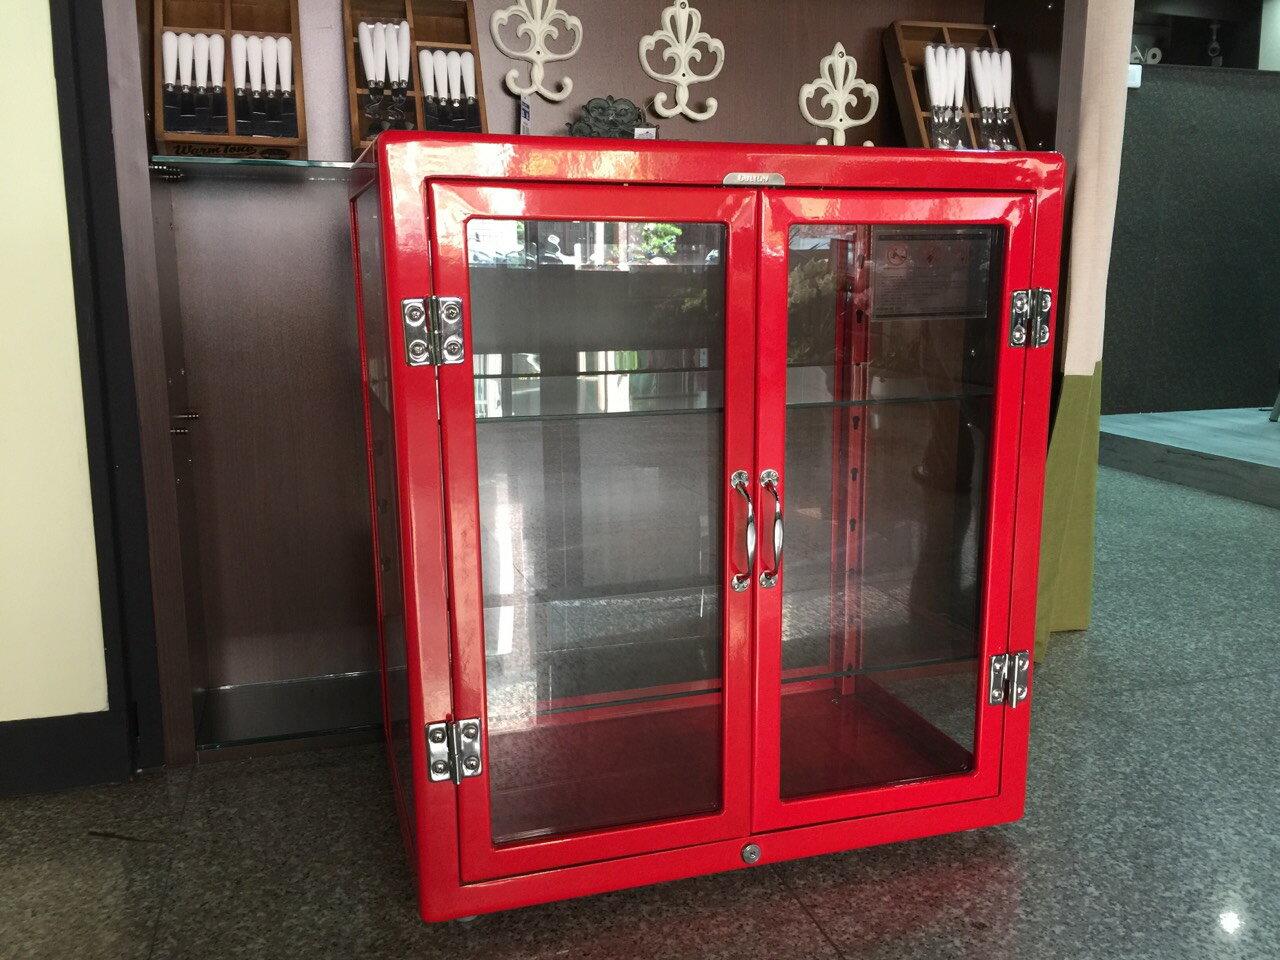 【日本-DULTON】落地式中型展示櫃牙醫櫃-依據傳統牙醫存放器具概念設計,不再拘泥於器具存放,可於居家或店家餐廳,依個人喜好擺設或陳列物品,點綴自身居家或餐廳特色 0